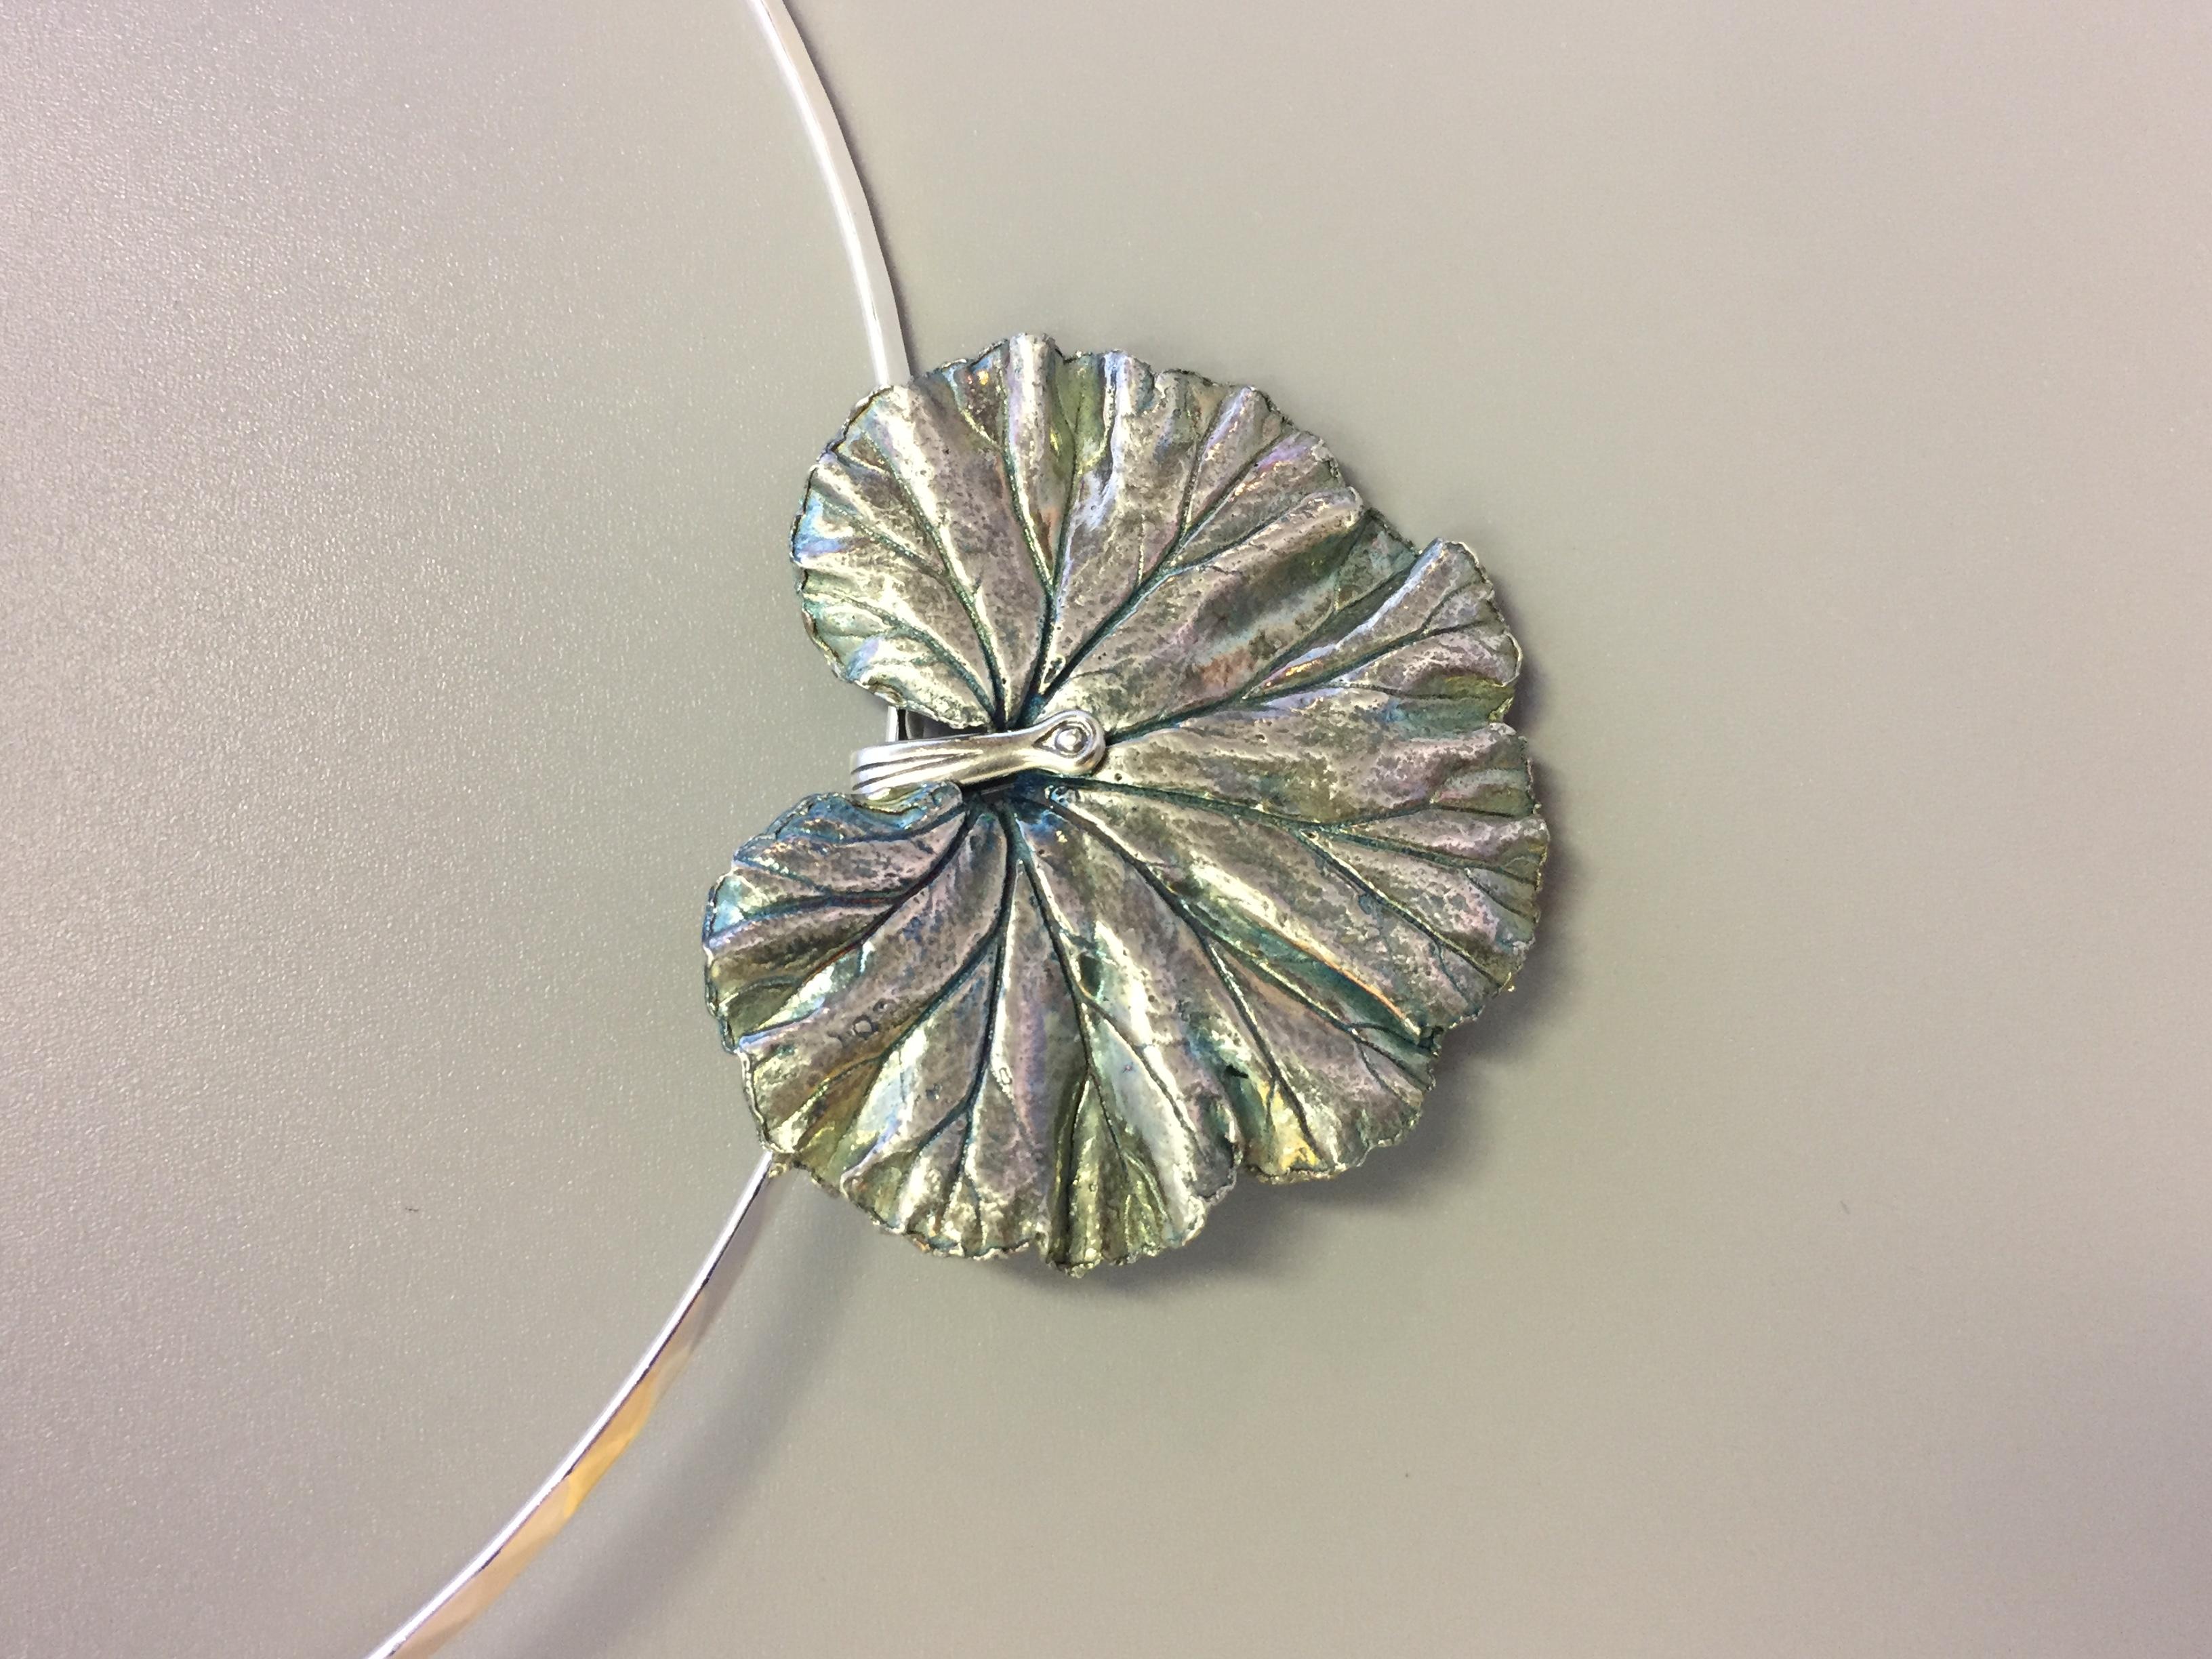 Silver geranium